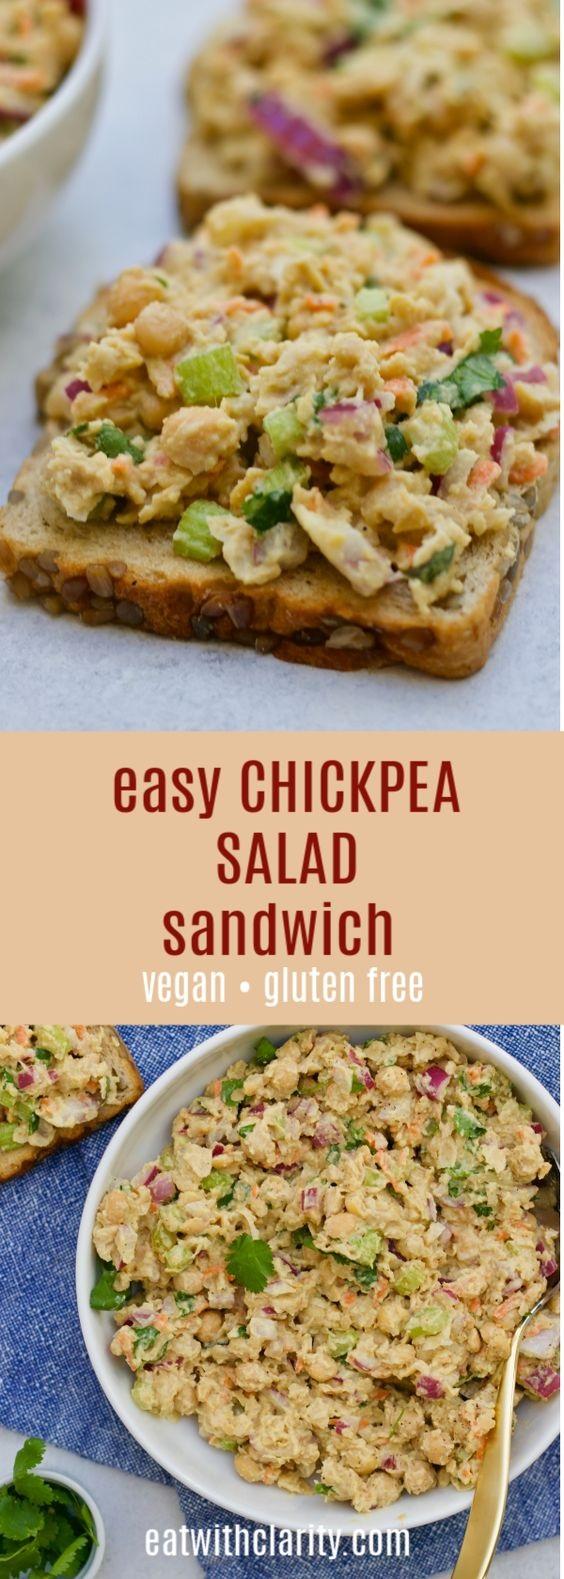 Mashed Chickpea Tuna Salad